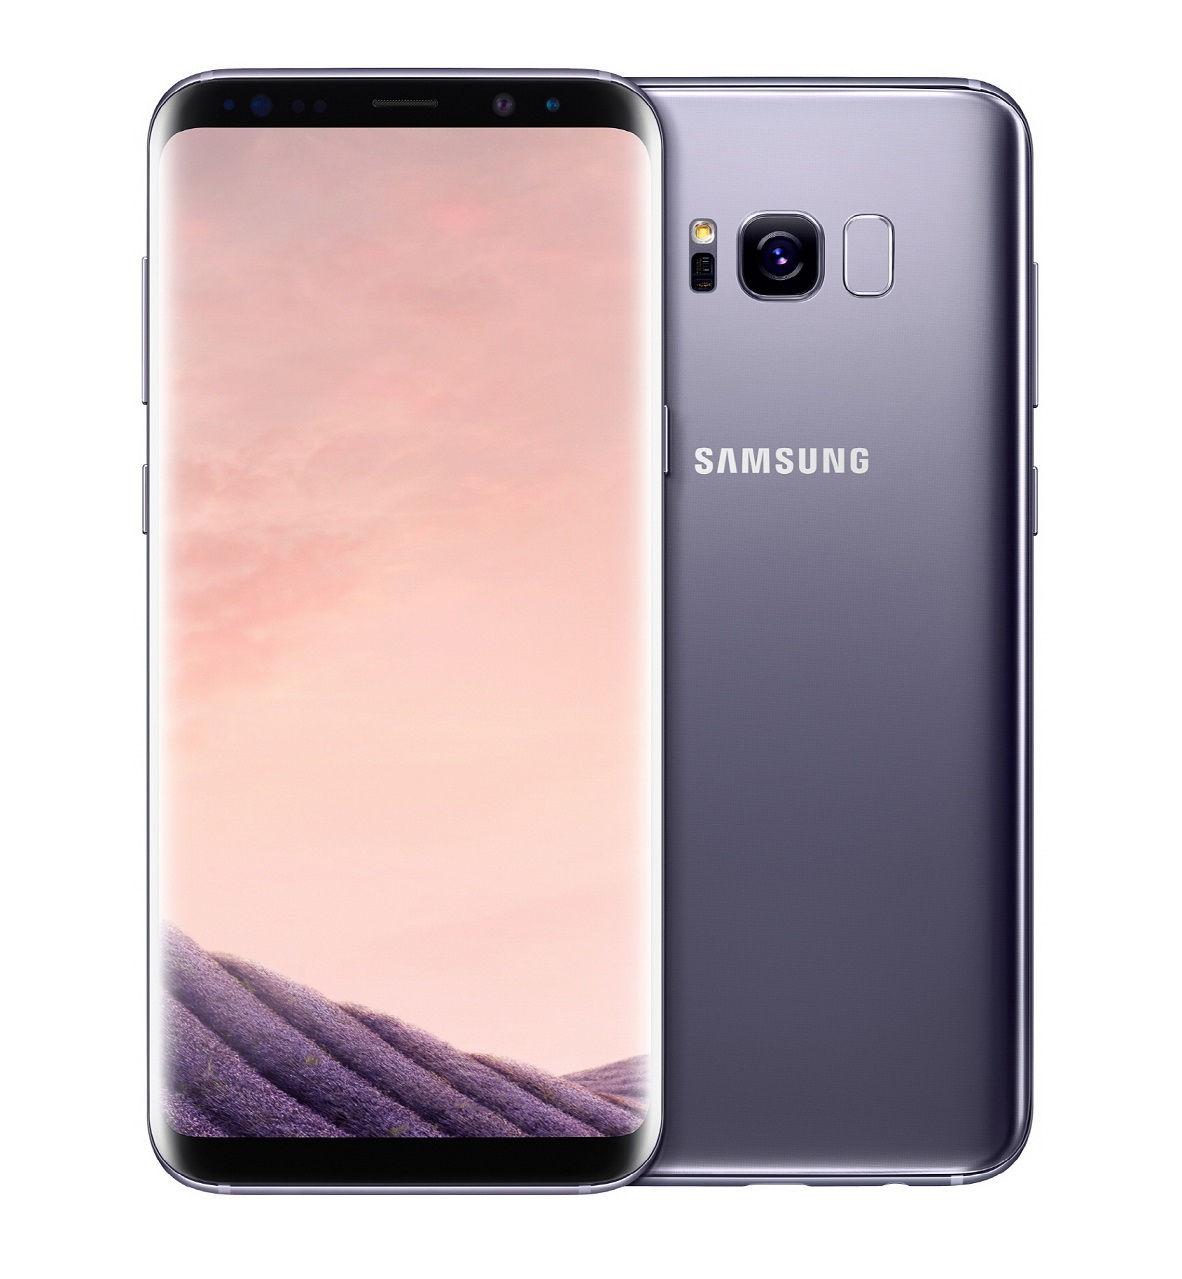 Már itthon is  a Samsung Galaxy S8-ak - Telefonguru hír cdf8f41927